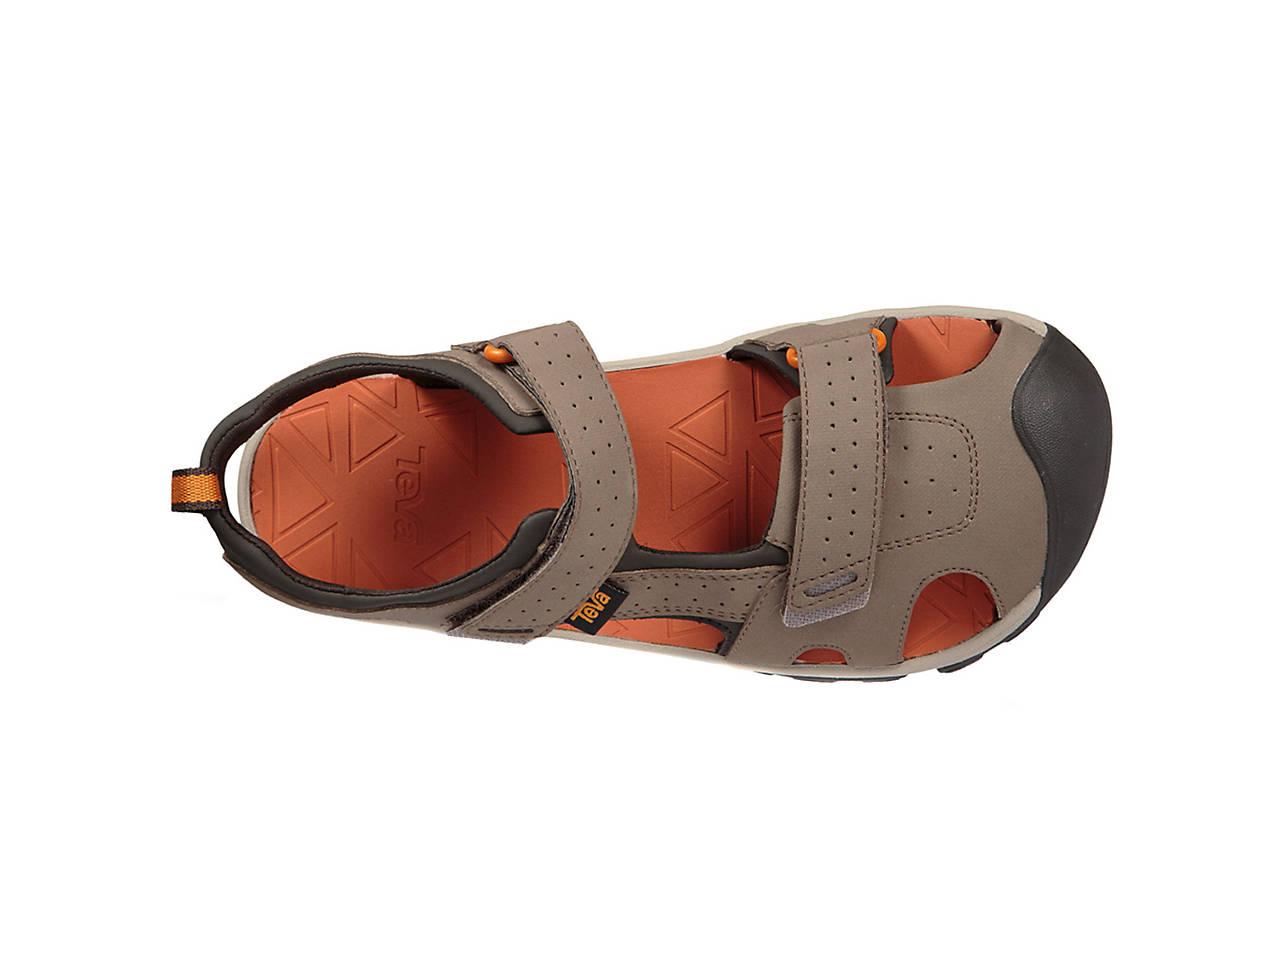 99e55d35363c Teva Hurricane Toe Pro Youth Sandal Kids Shoes